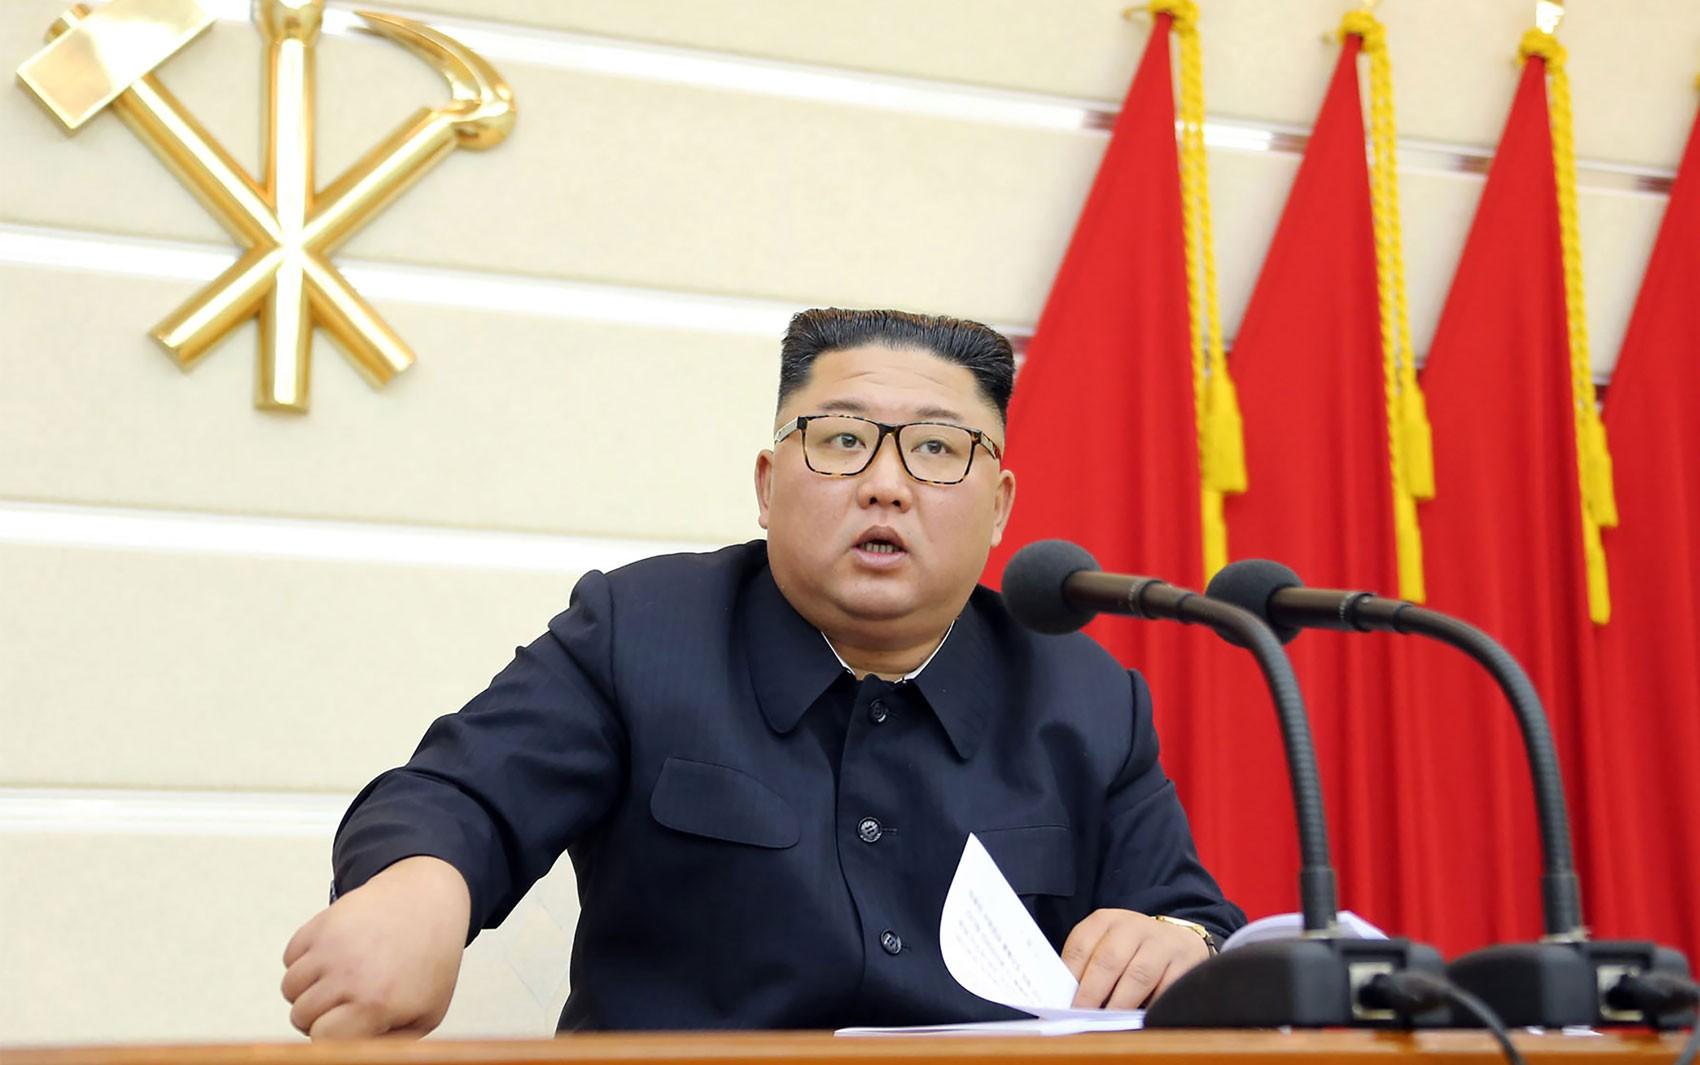 Mistério sobre Kim Jong-un: quem poderia liderar a Coreia do Norte sem ele